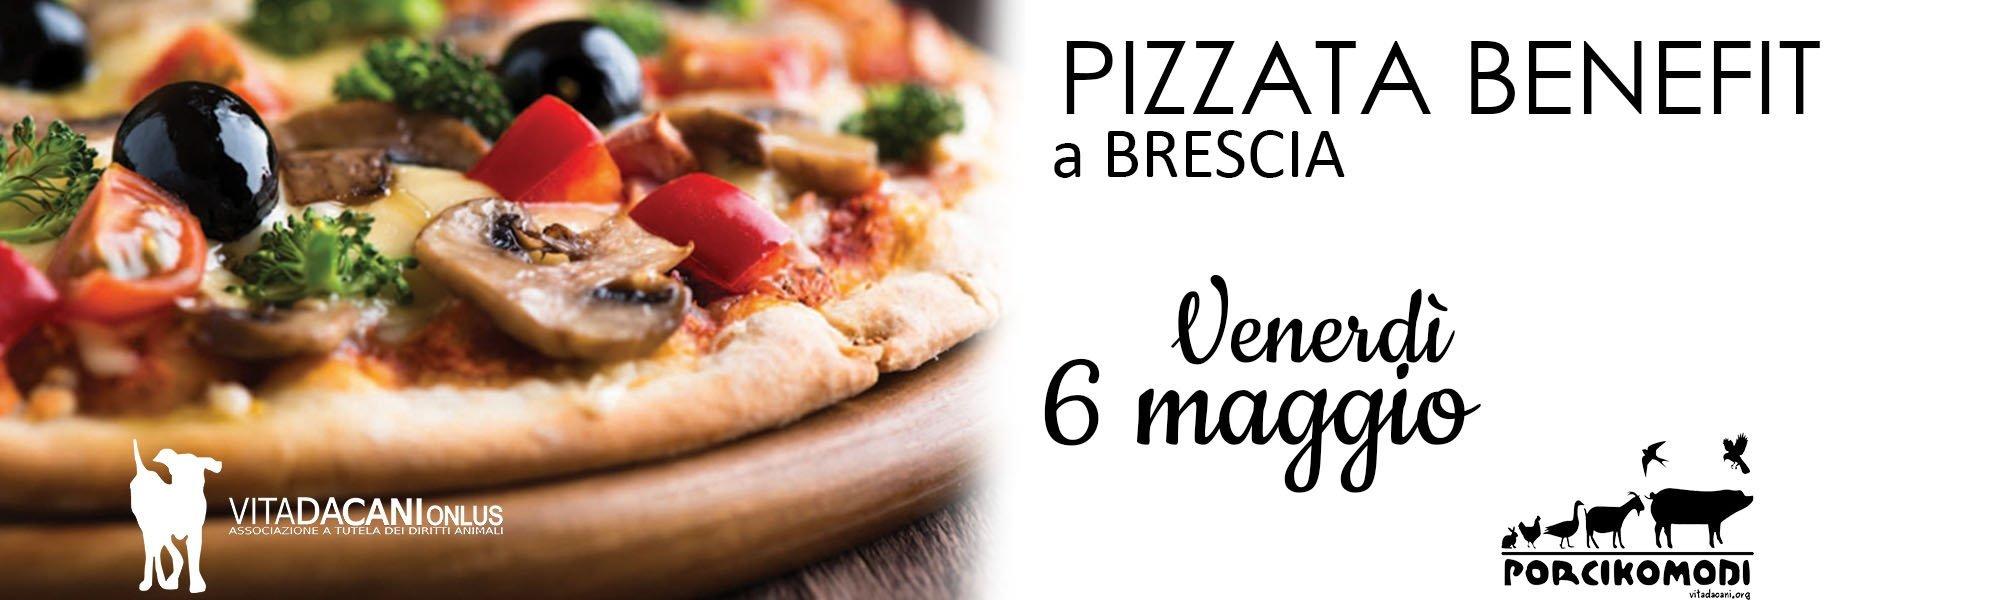 evento pizza brescia porcikomodi